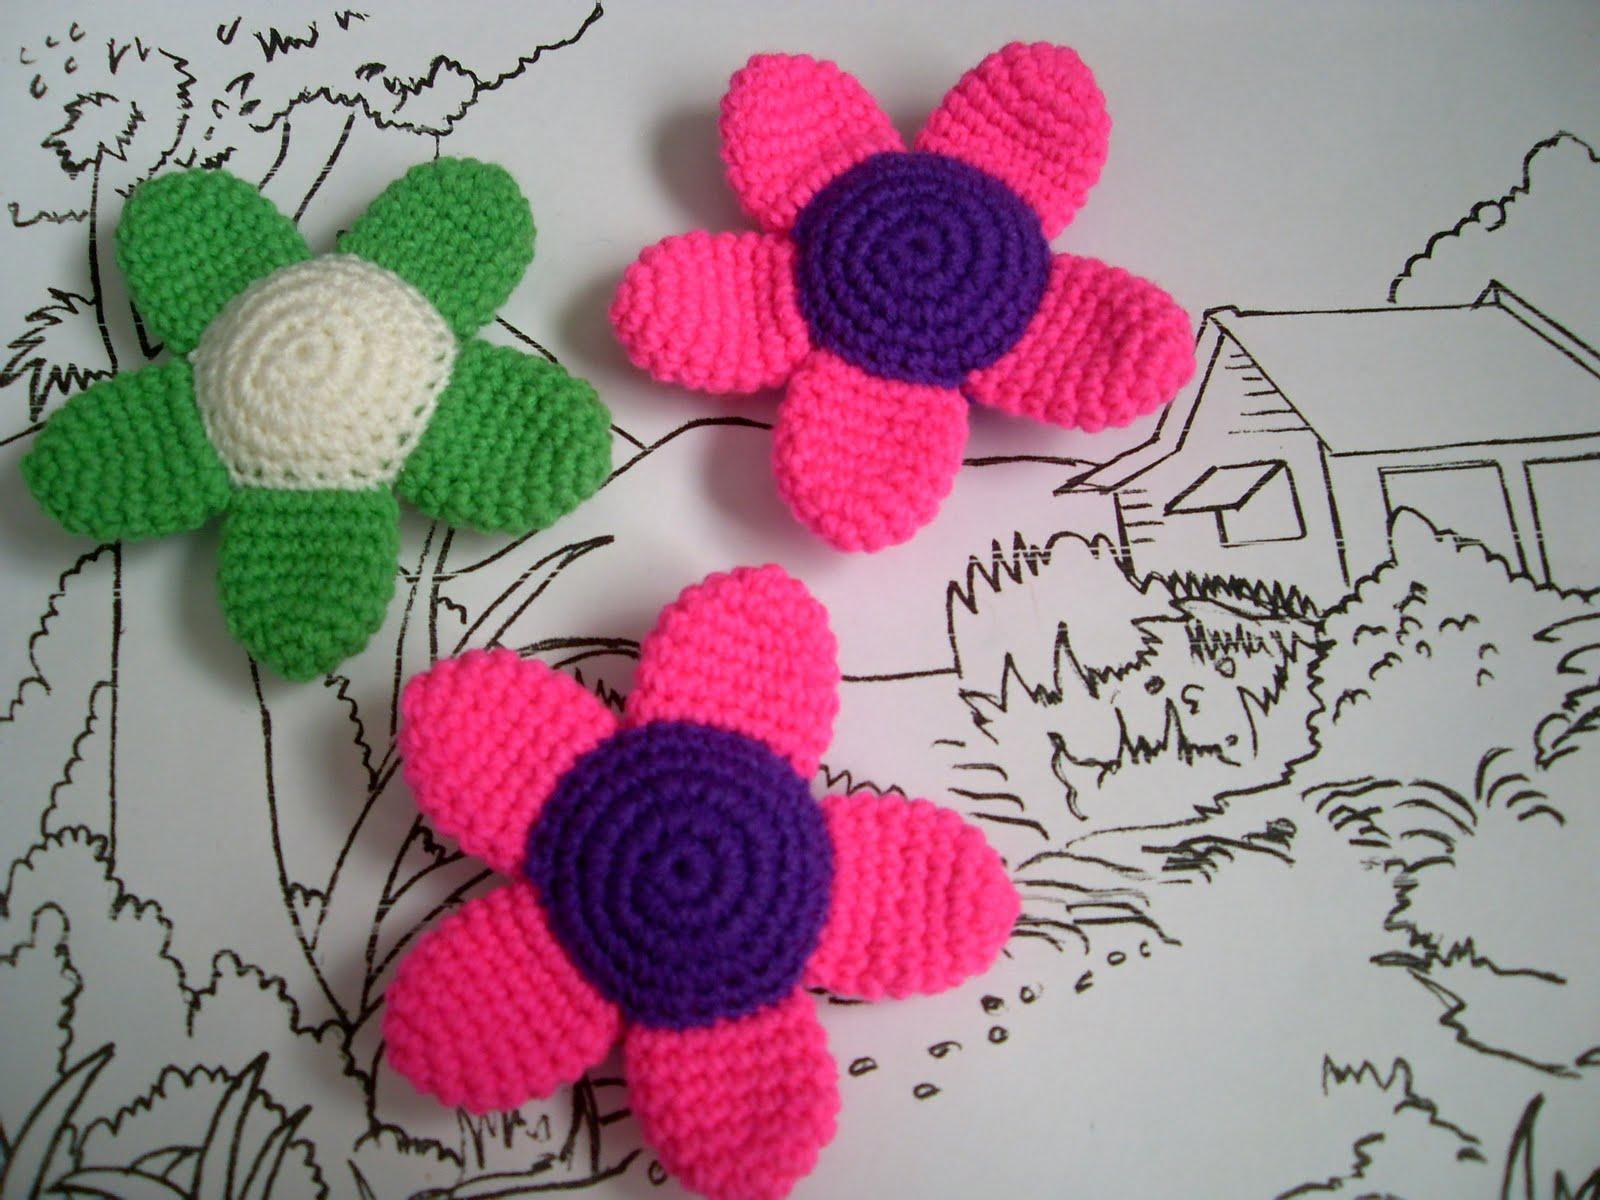 Free Amigurumi Monkey Crochet Patterns : Crochet.is.Fun: Free pattern: flower amigurumi